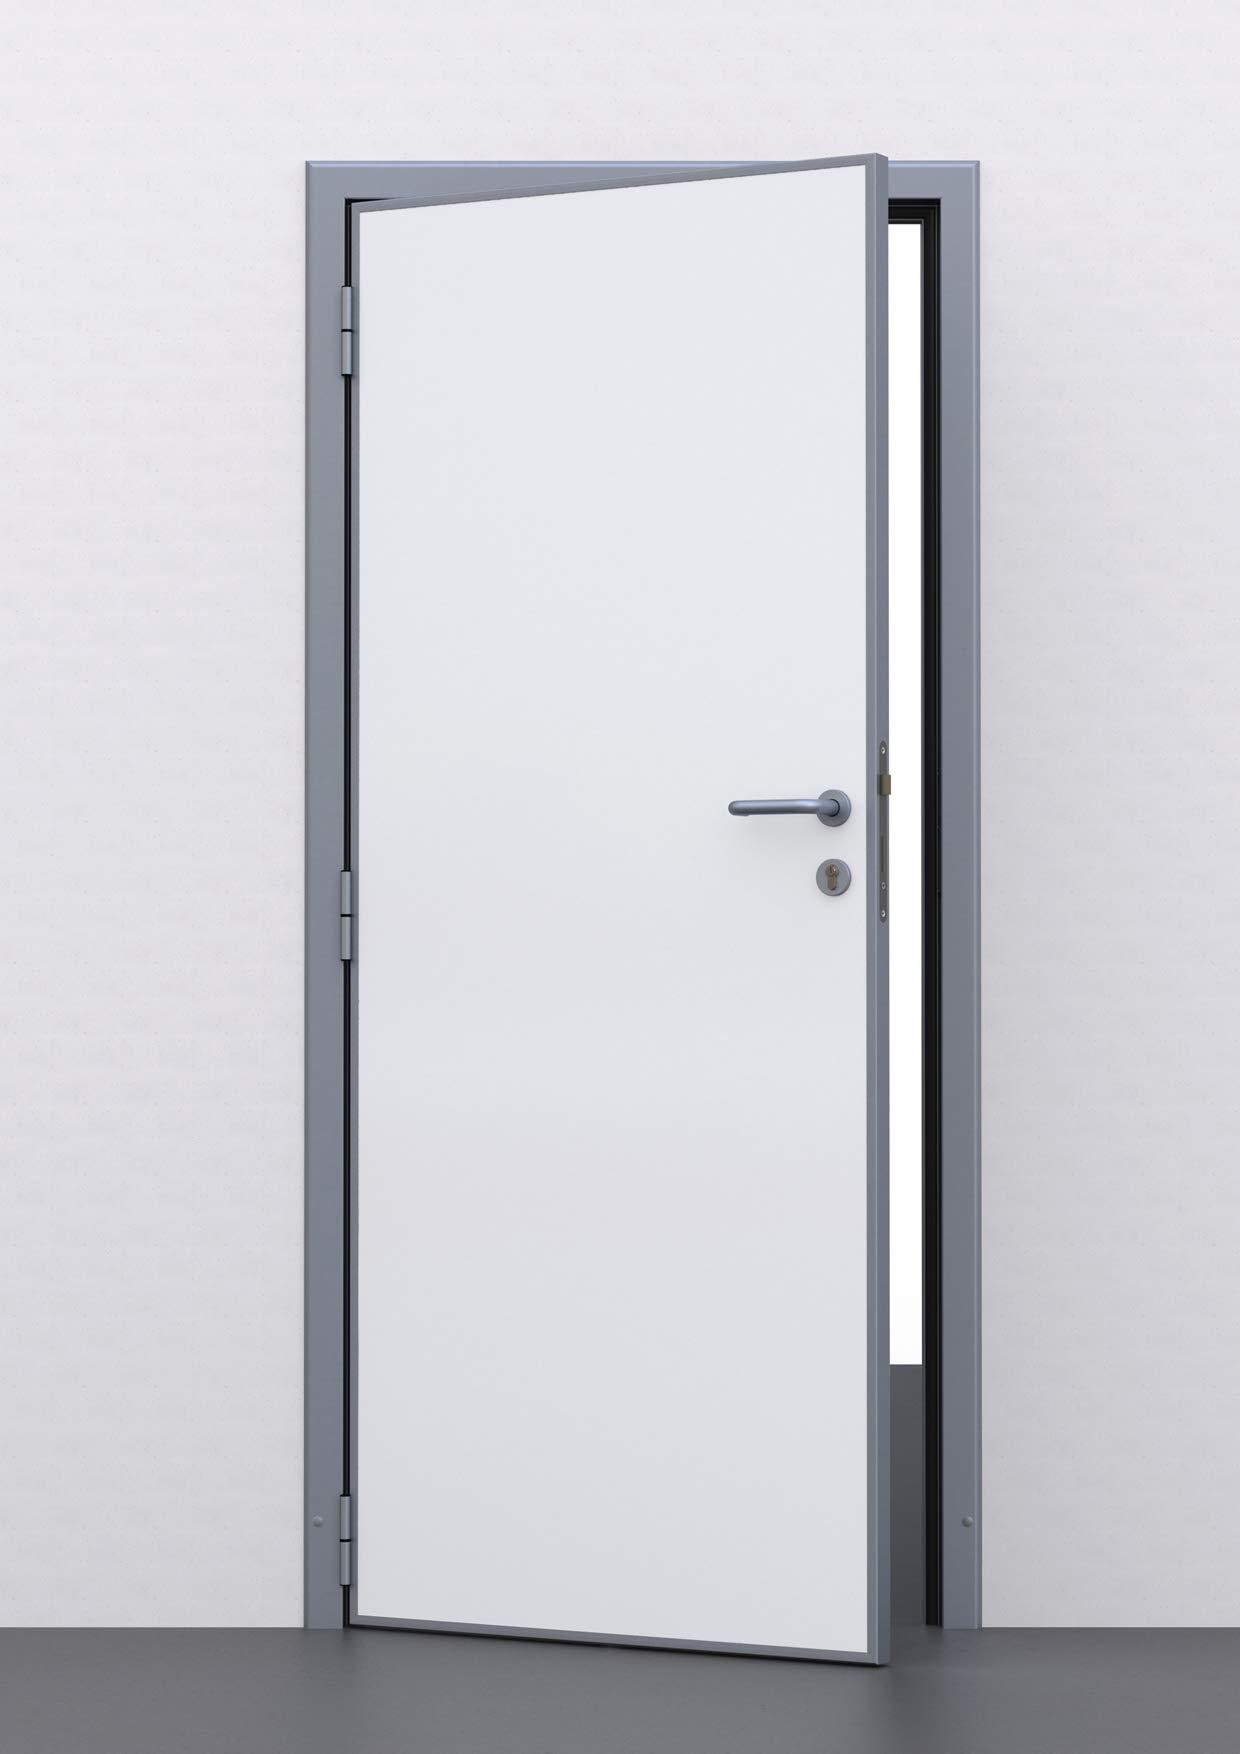 Puerta Acorazada Grado 3 (blanco): Amazon.es: Bricolaje y herramientas